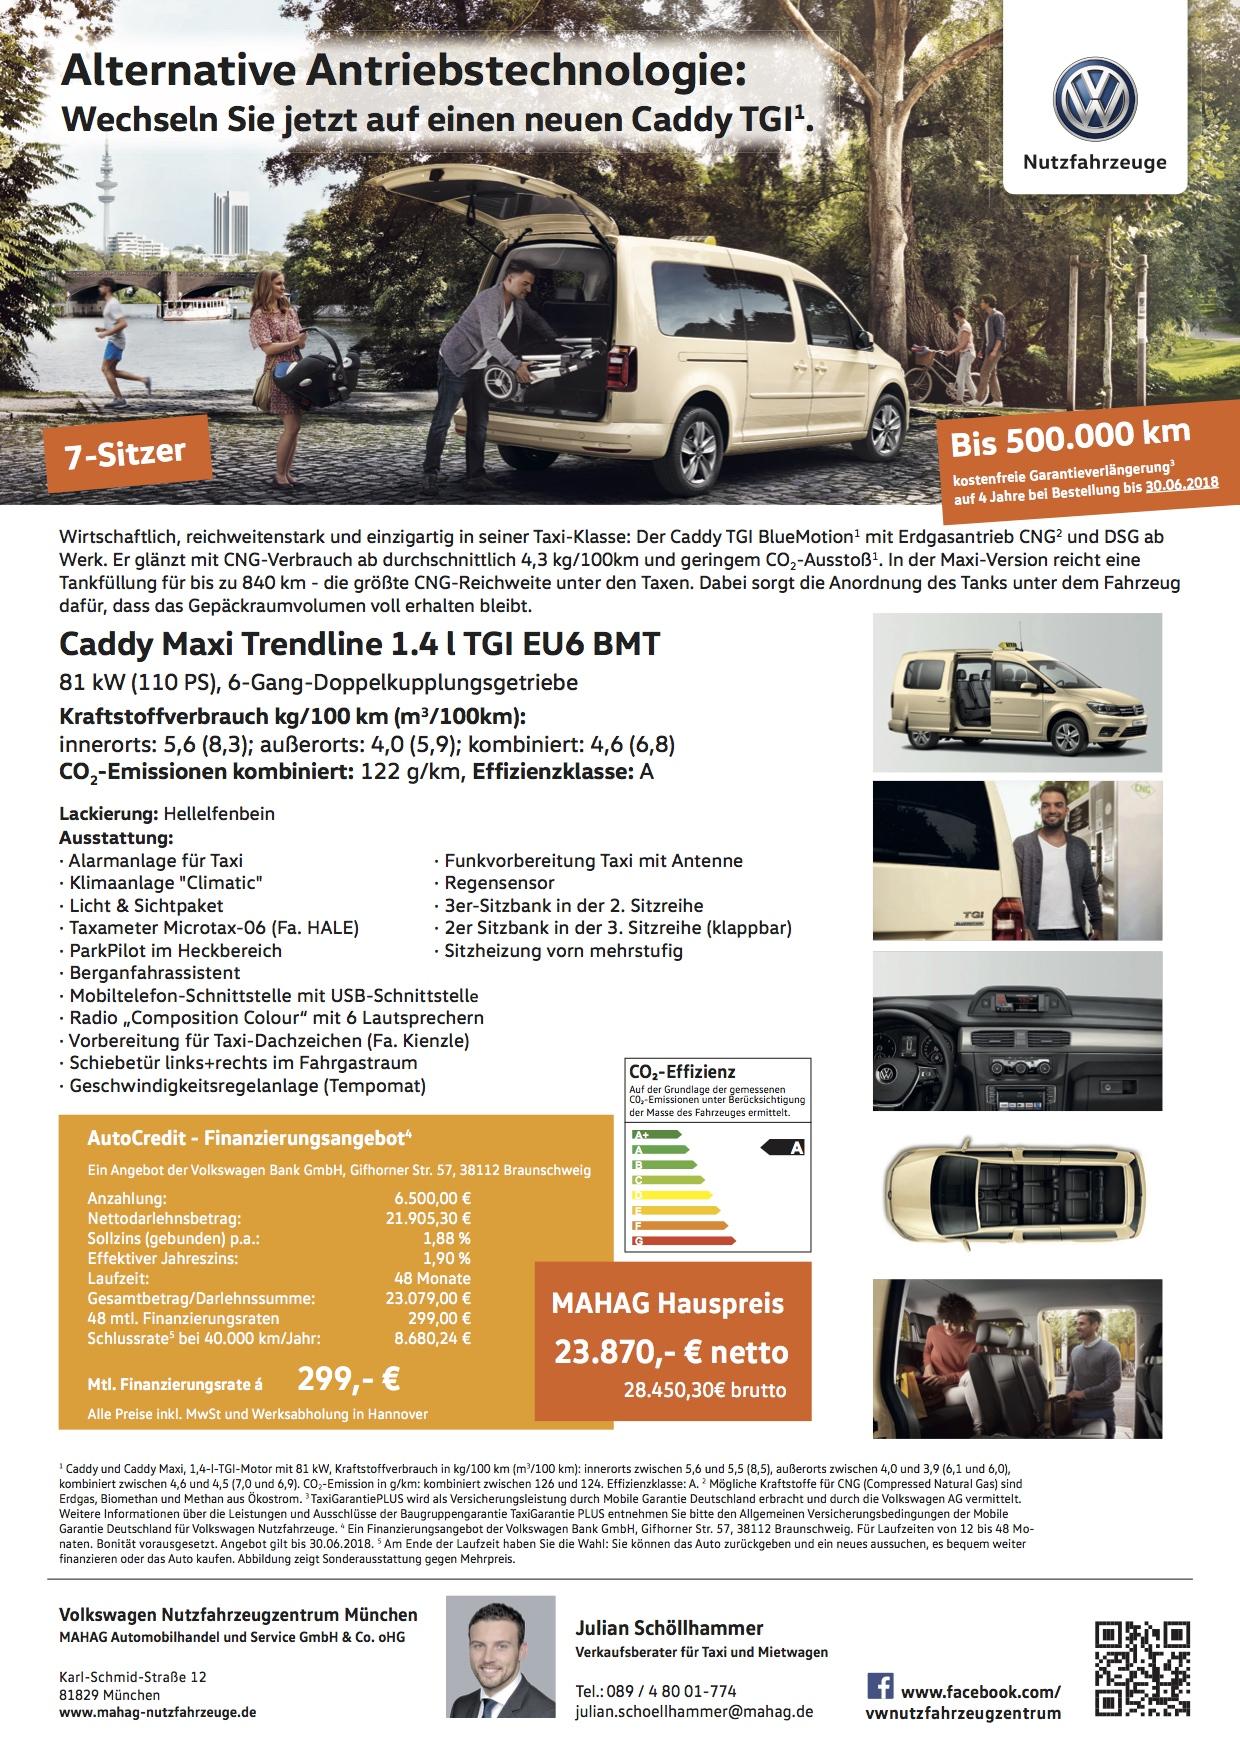 Volkswagen München Caddy Taxi Angebot